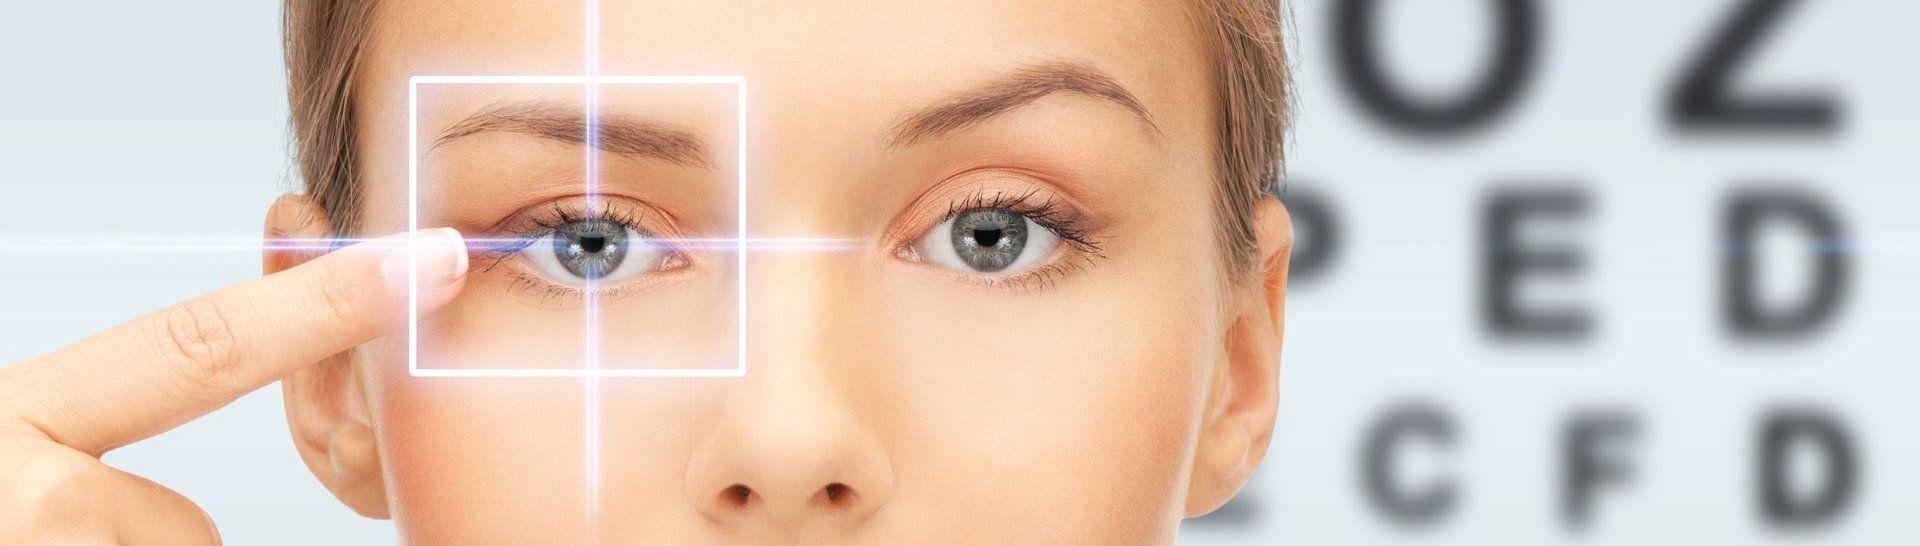 Де у Хмельницькому перевірити зір дітям та дорослим   11 10 2018 ... 2fdc9b024cdc1